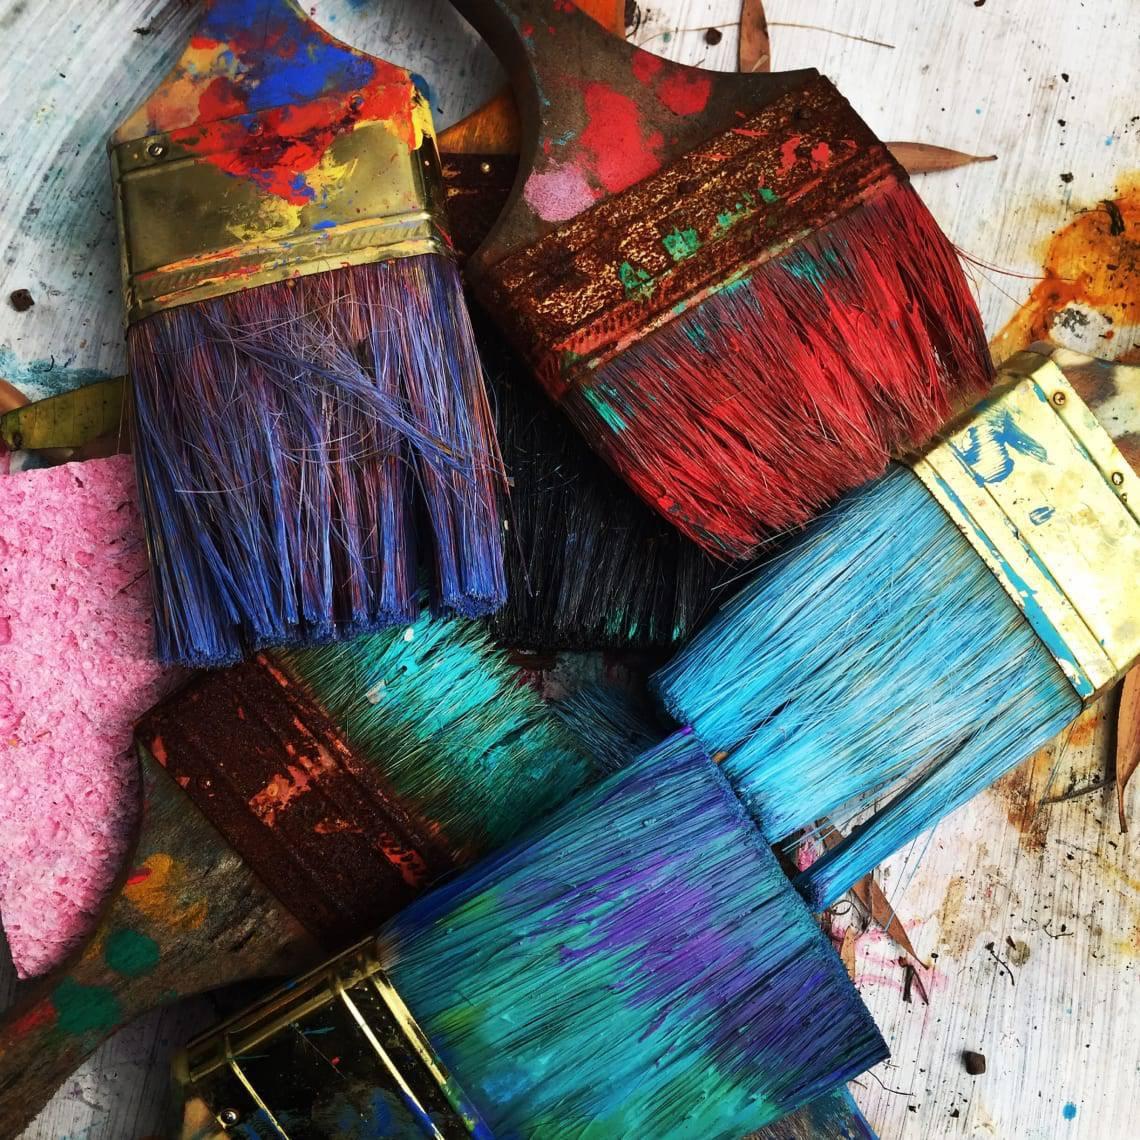 突破创作困境的10种方法